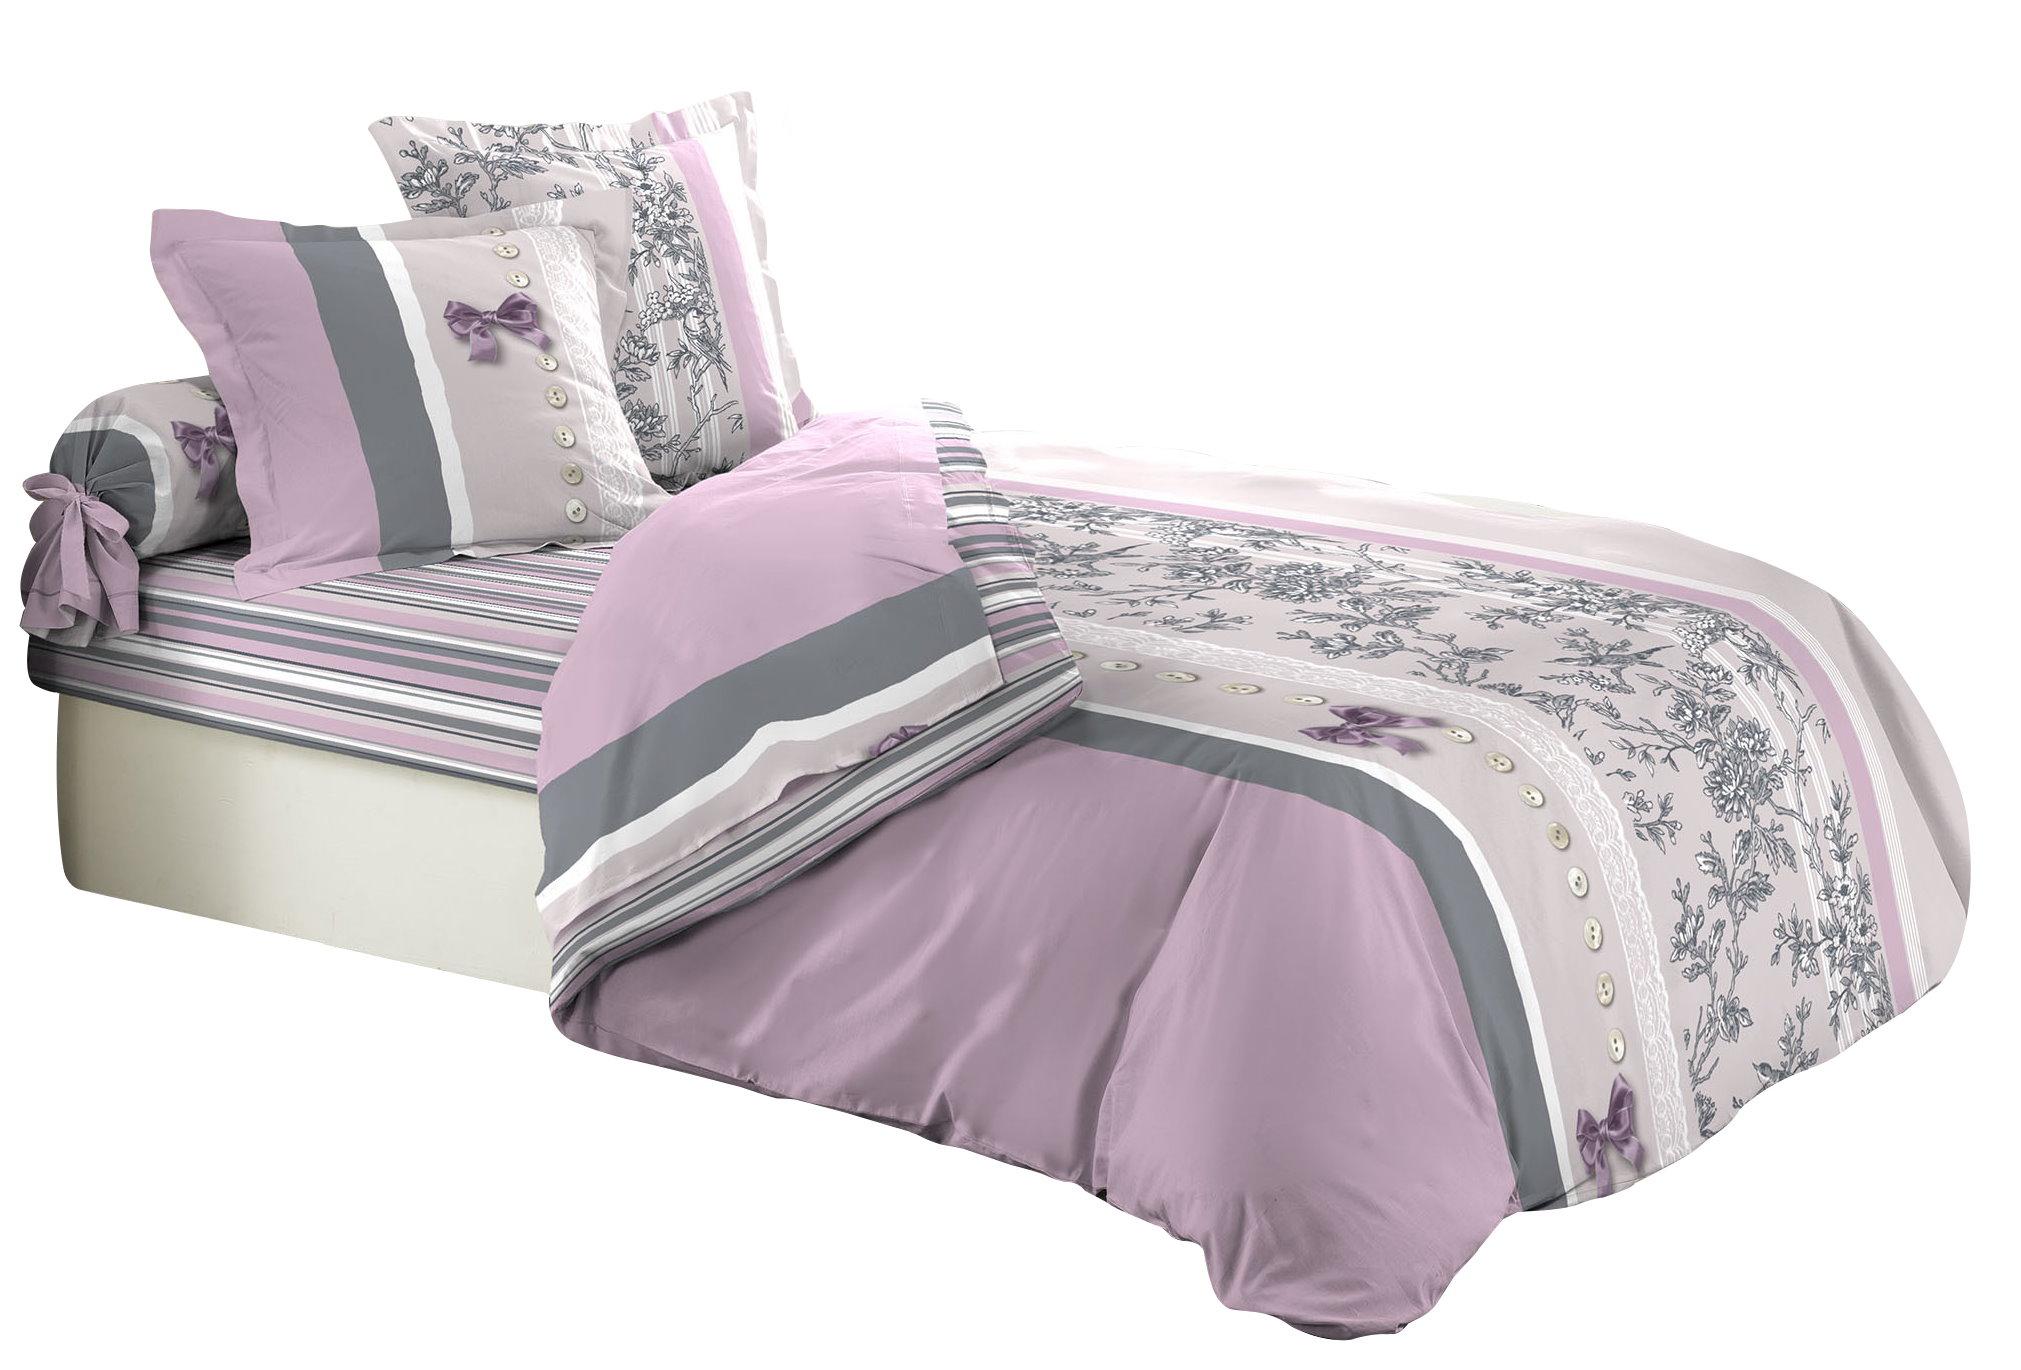 6tlg landhaus bettw sche 240x220 baumwolle bettdecke bergr e bettgarnitur ebay. Black Bedroom Furniture Sets. Home Design Ideas